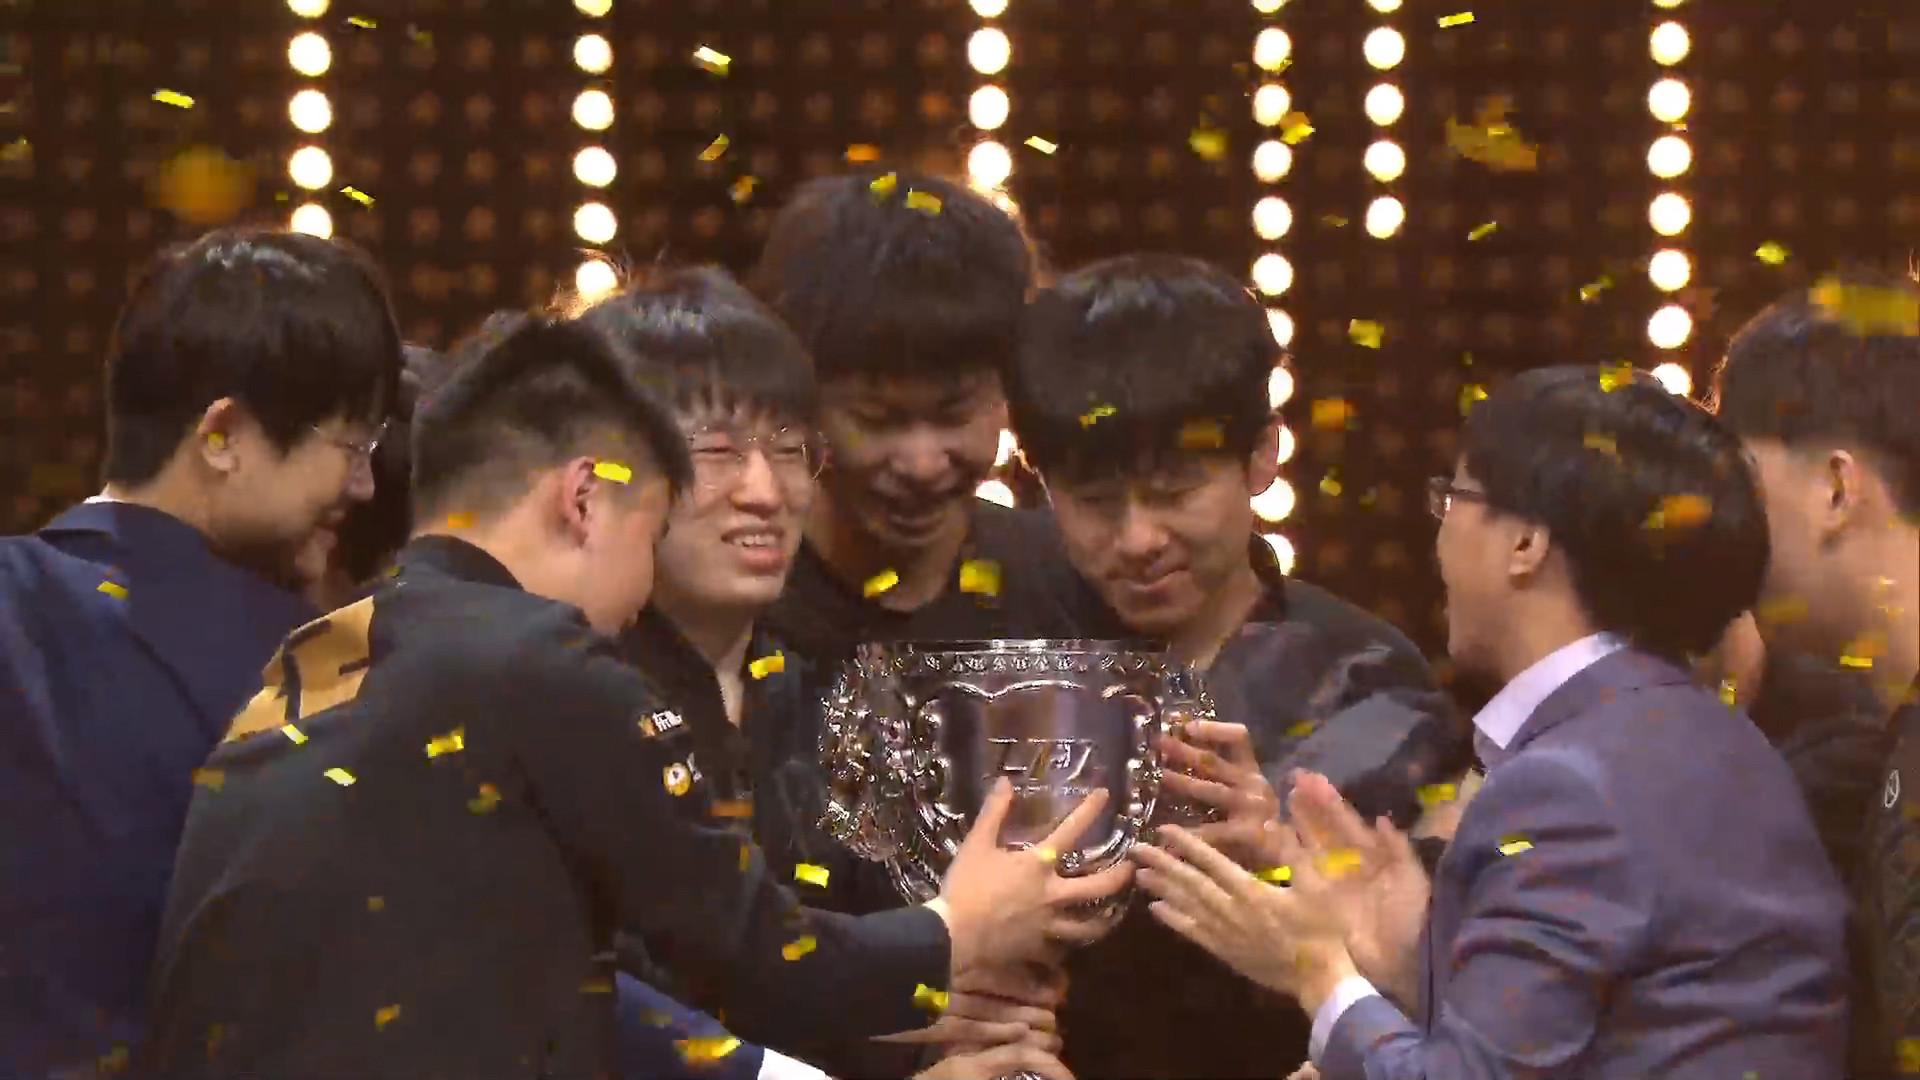 Spektakel und Pentakill: RNG holt ersten LPL-Titel seit 2018